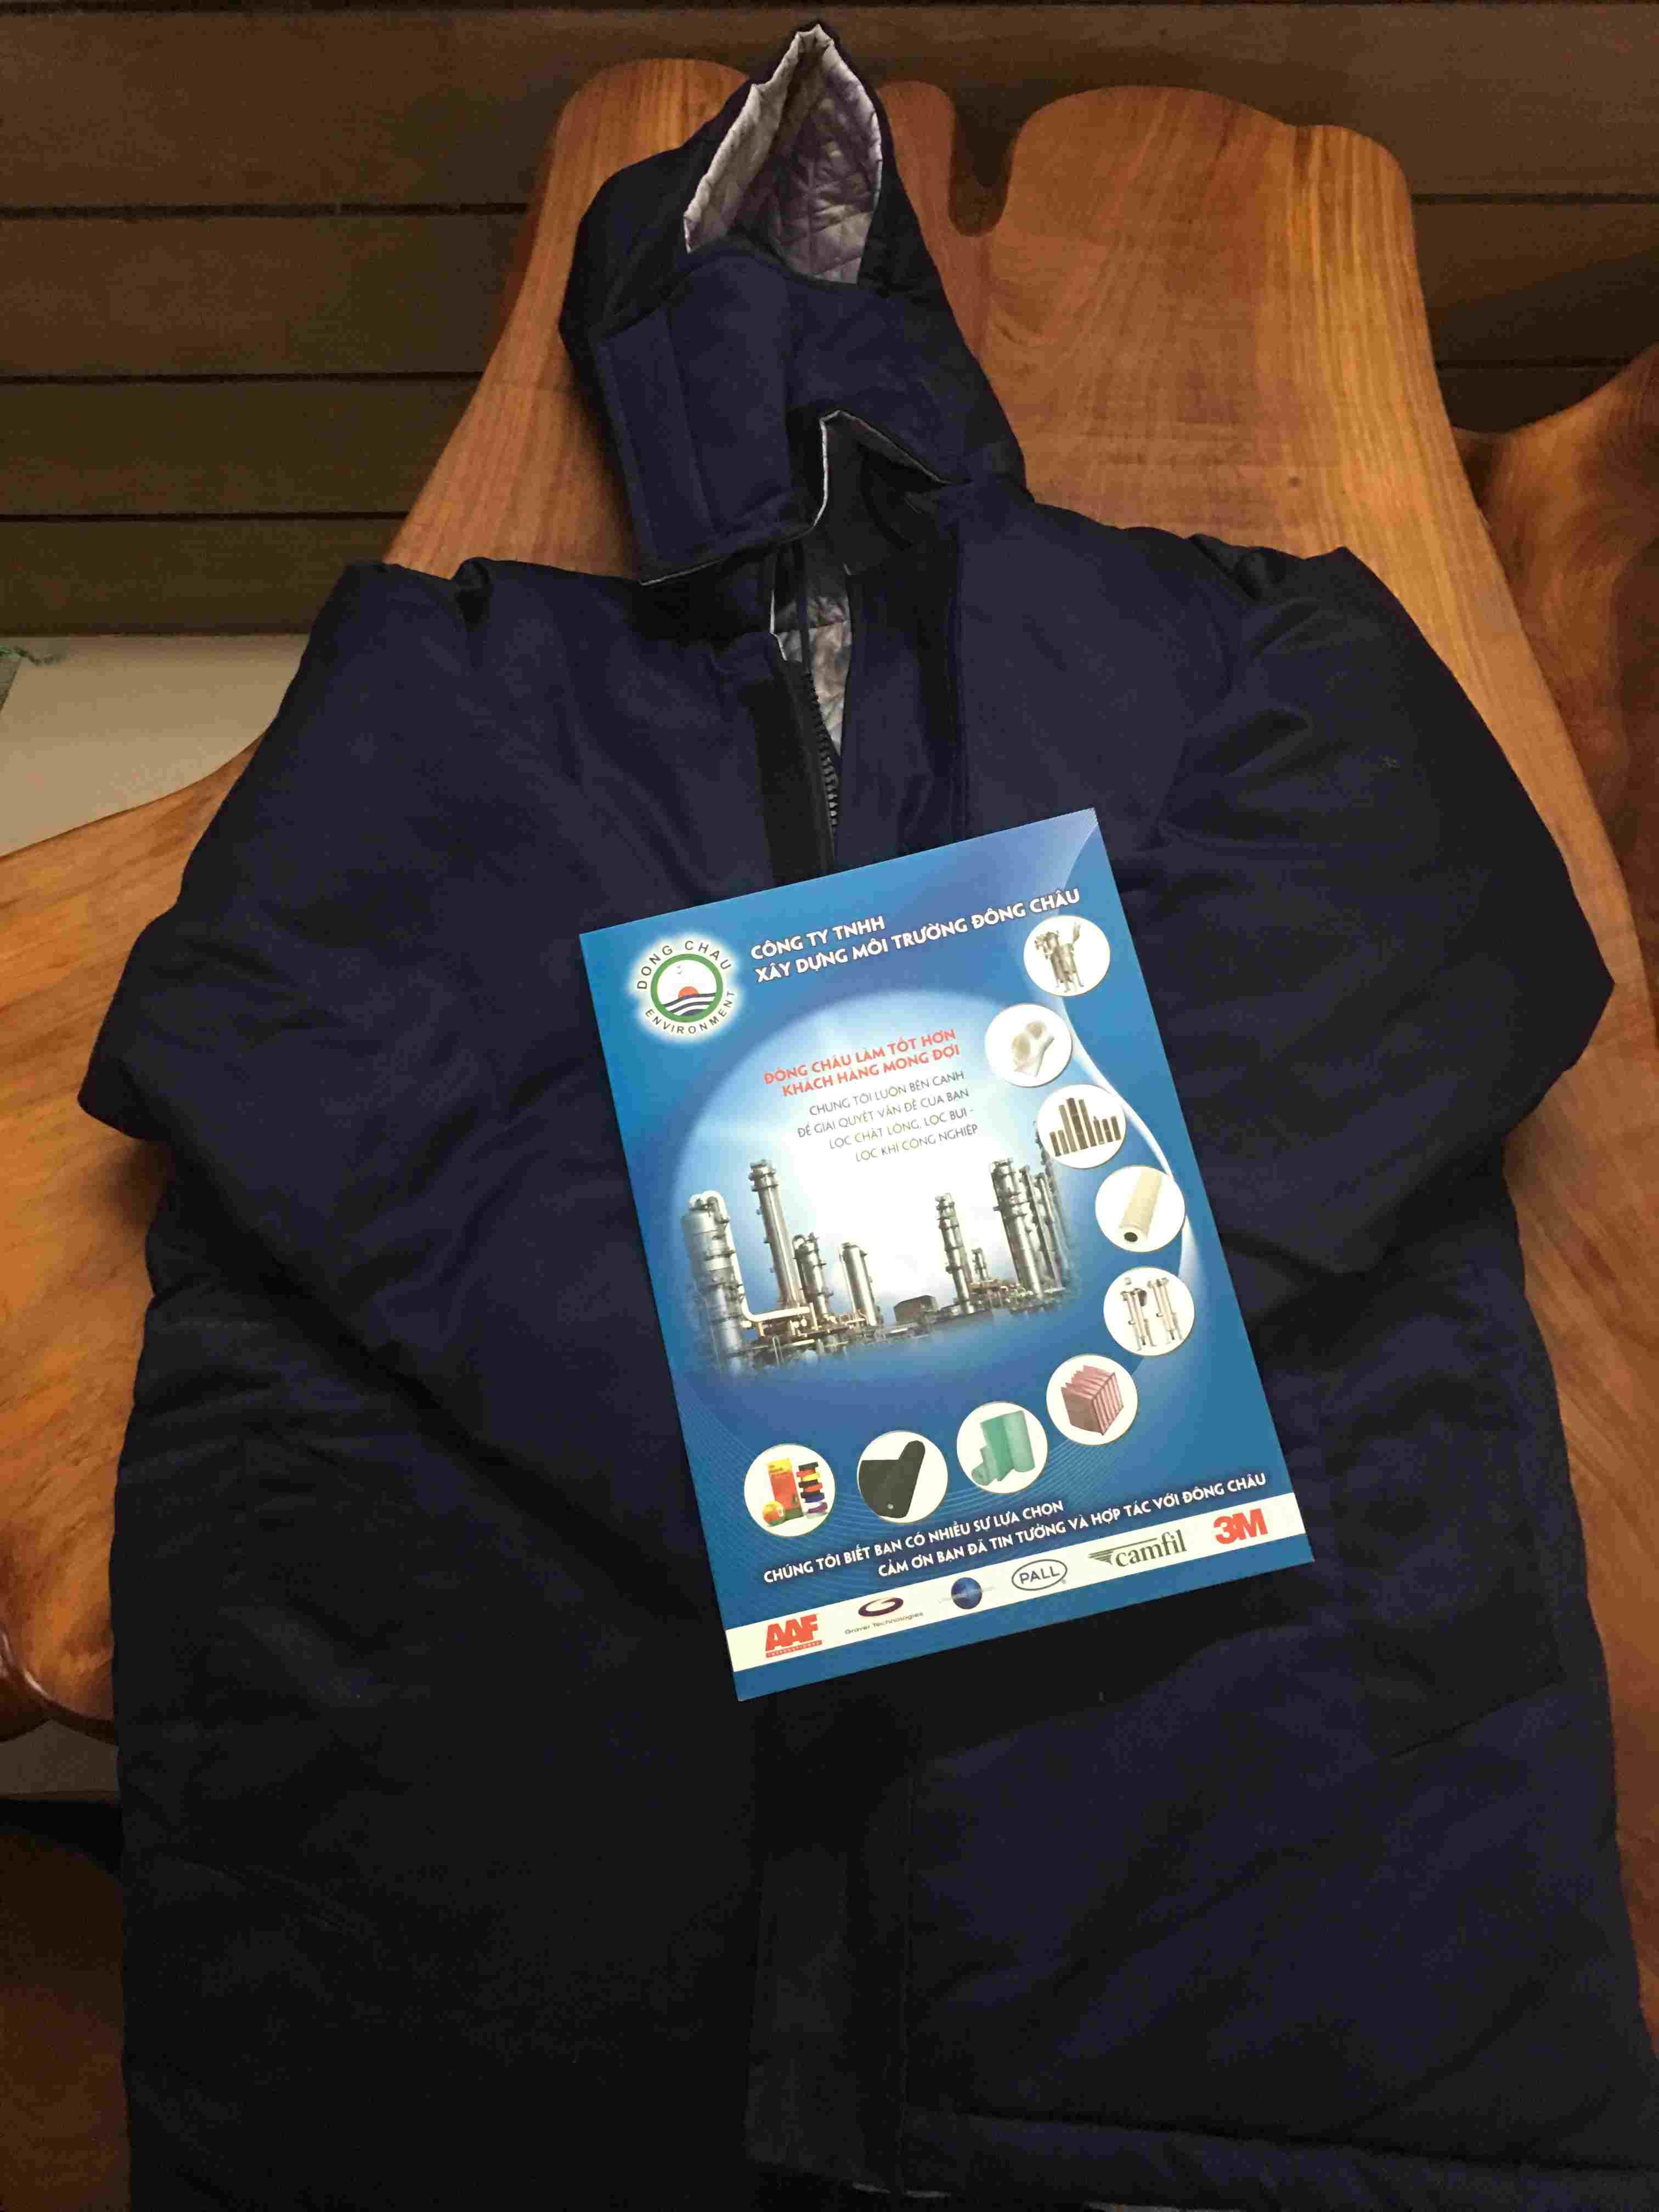 Quần áo được may bằng vải kaki hoặc nylon, bên trong may bằng vải nỷ, bông, lông cừu, có thêm vải lót bên trong dày 5 lớp